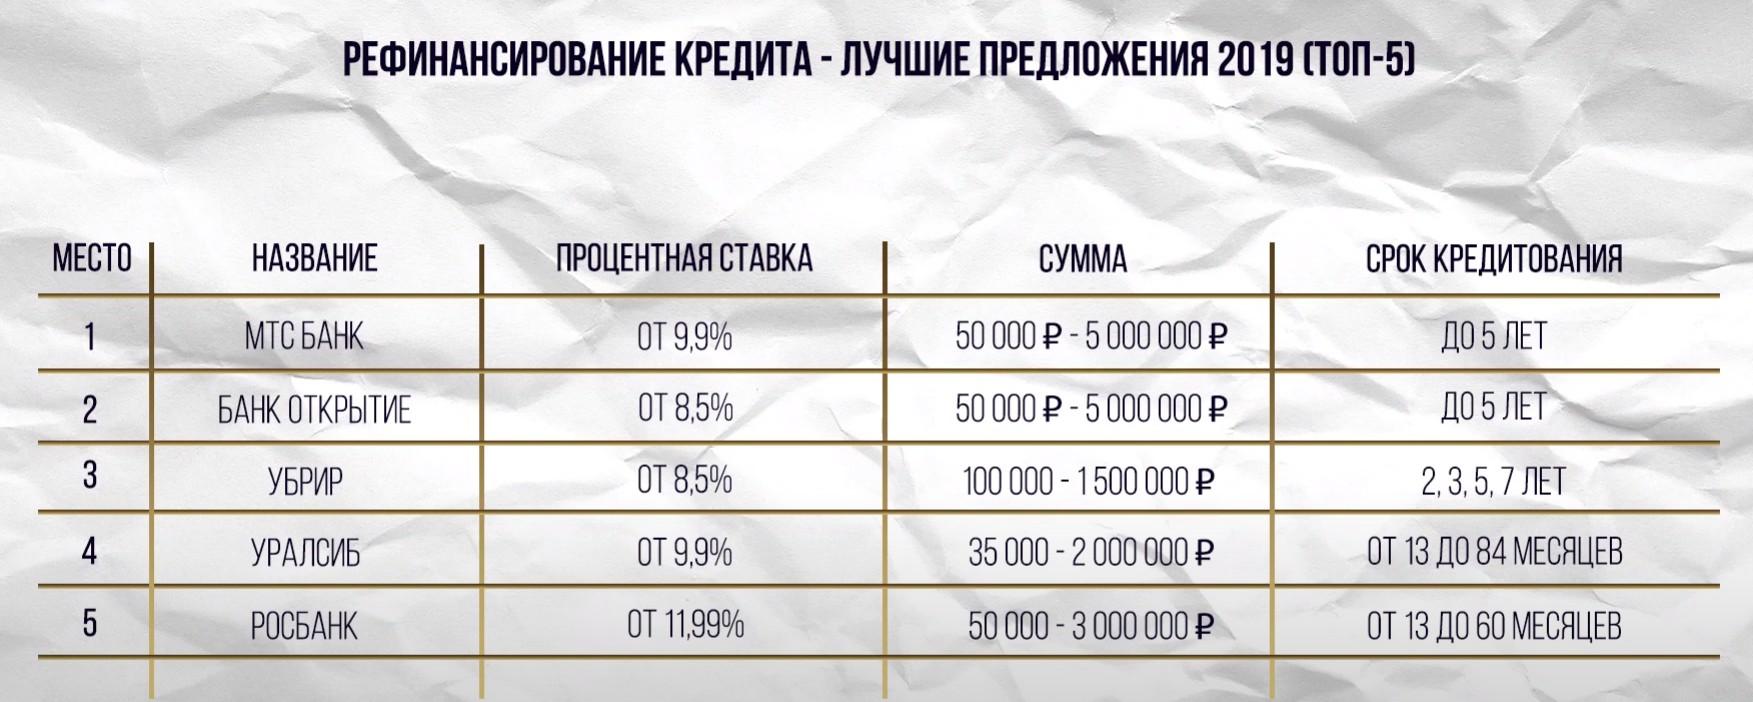 Рефинансирование кредита какой банк выгодней: ТОП 5 Банков для рефинансирования